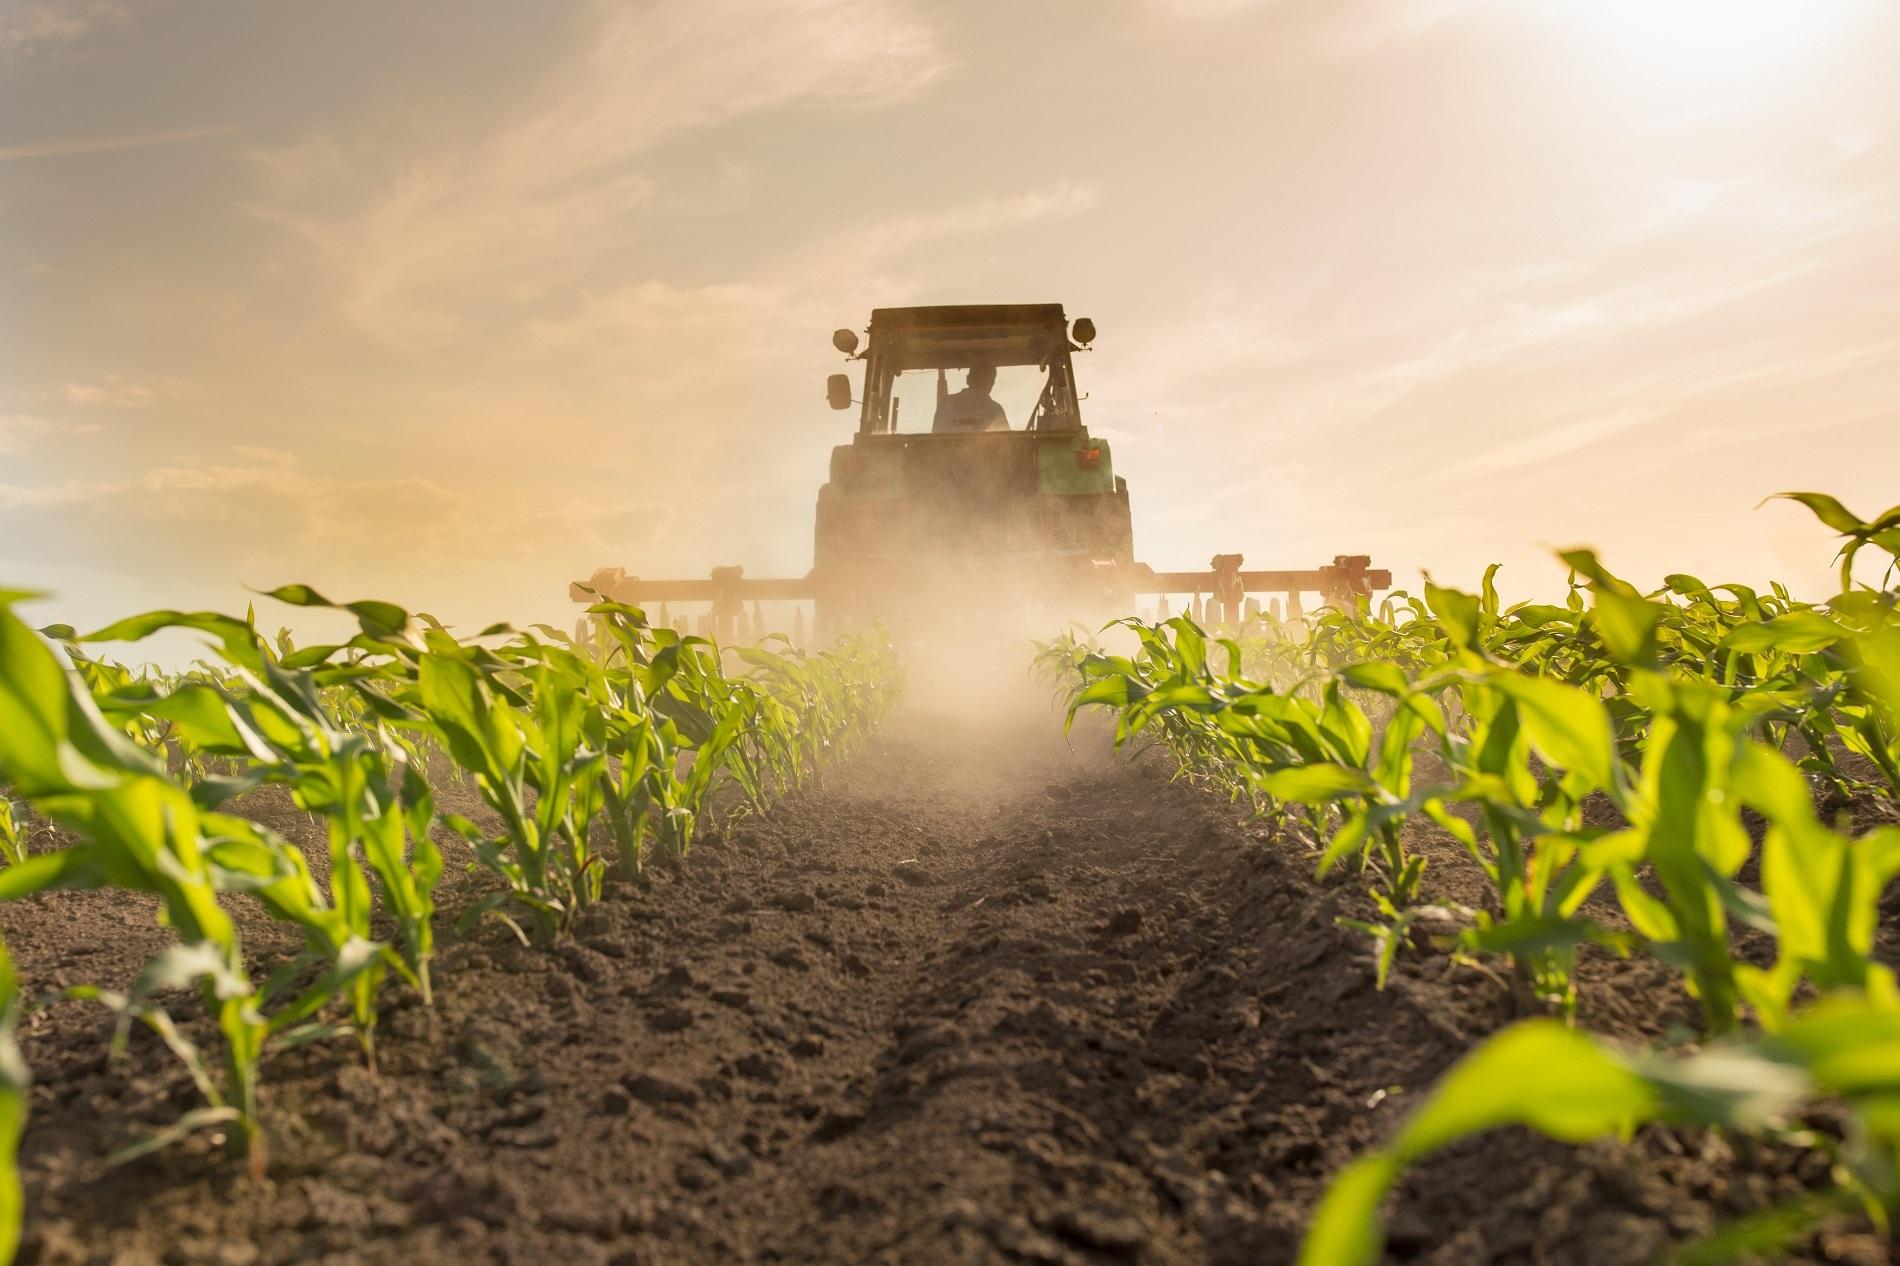 ¿Qué efectos provocaría renunciar a la necesaria protección de los cultivos?